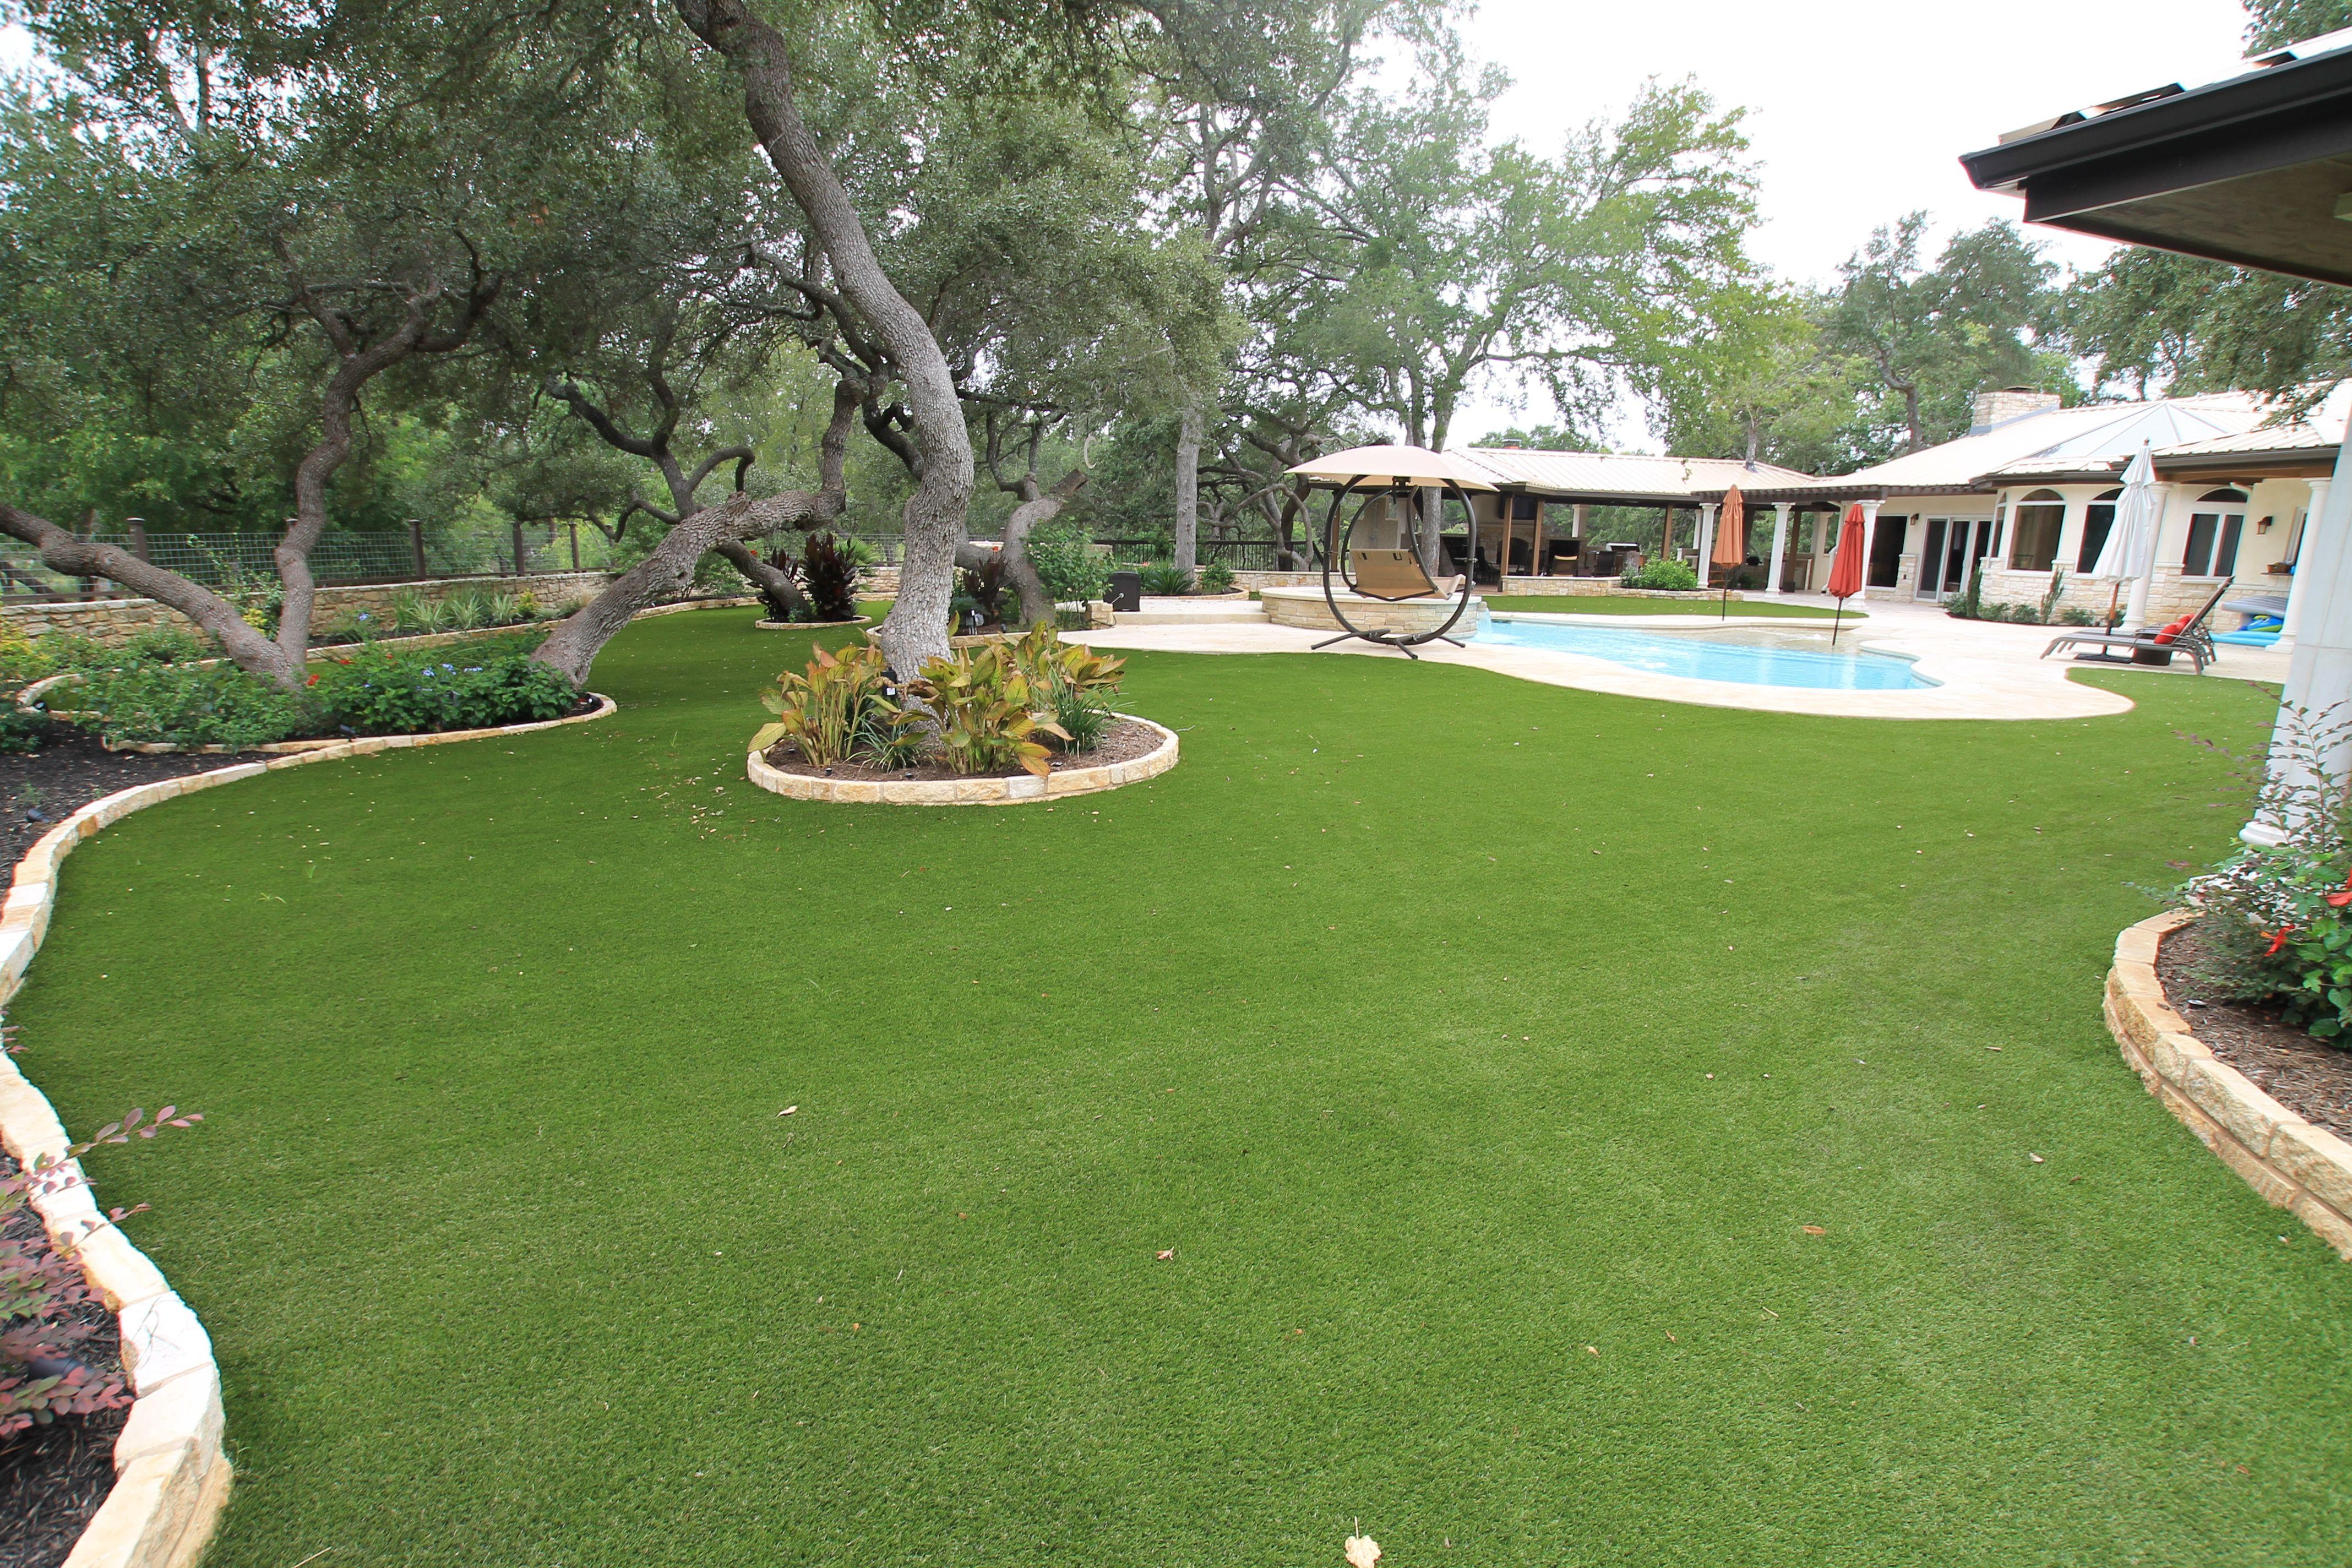 Turf Grass Installation Artificial Lawn Artificial Grass